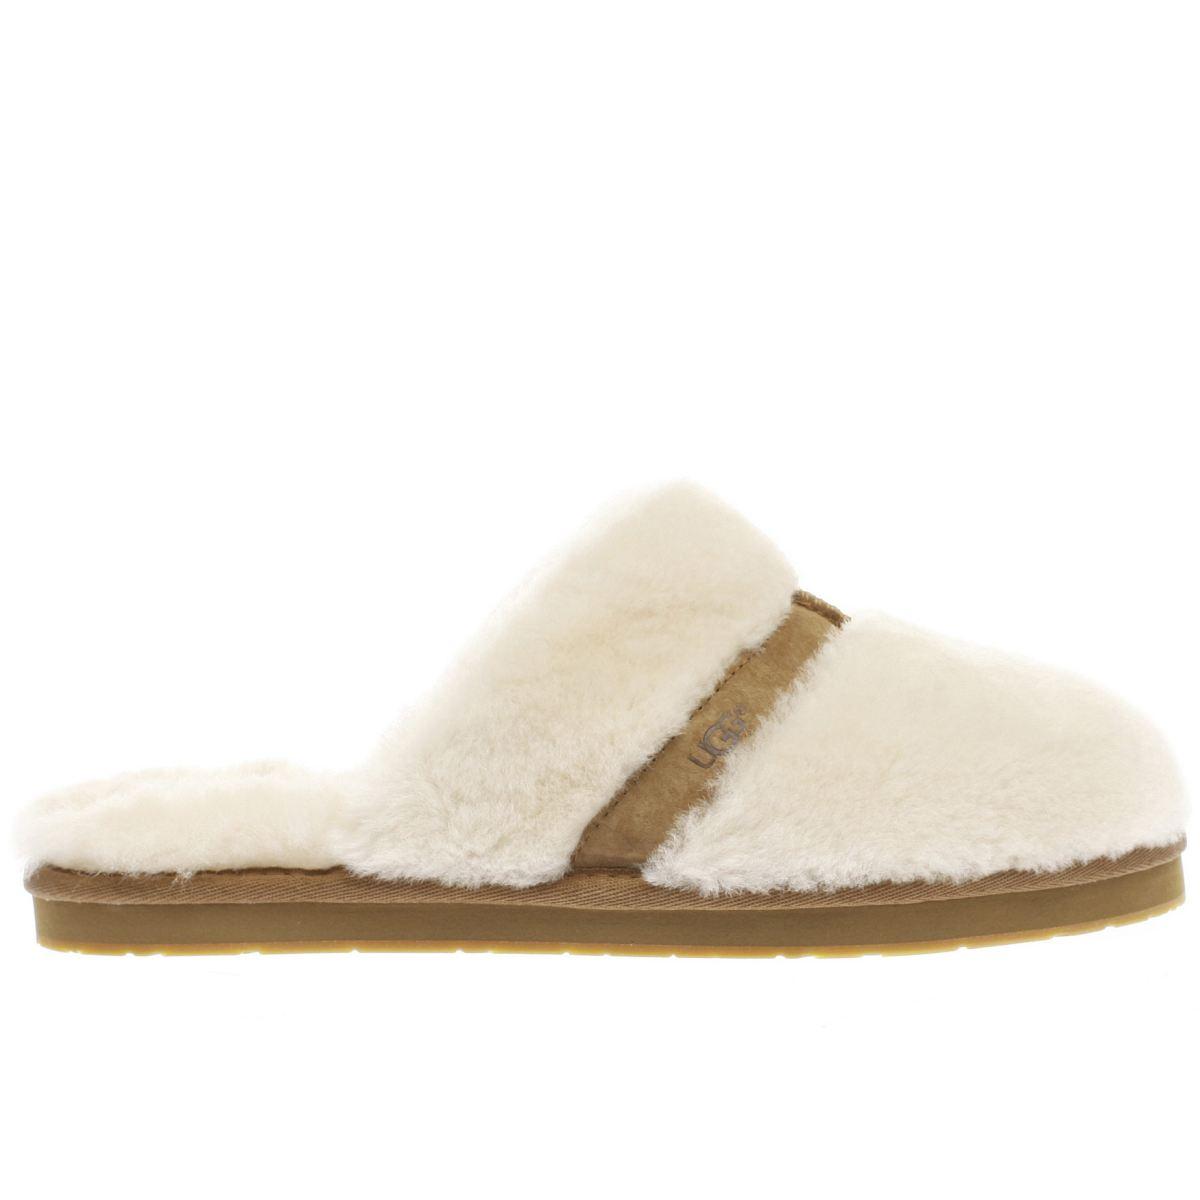 ugg natural dalla slippers